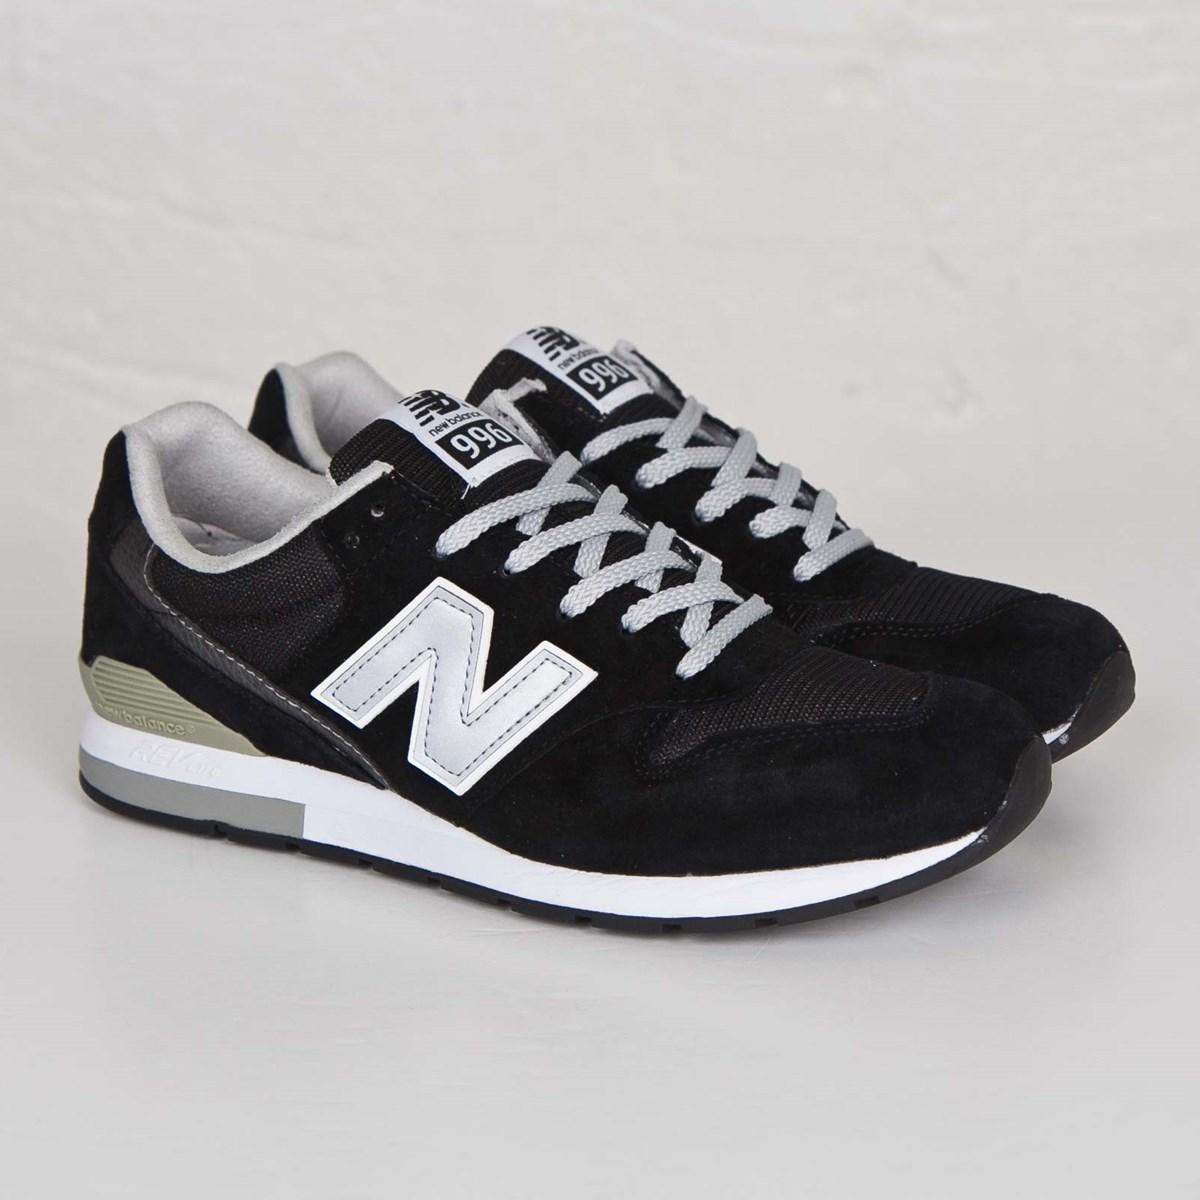 New Balance MRL996 - Mrl996bl - SNS | sneakers & streetwear online since 1999